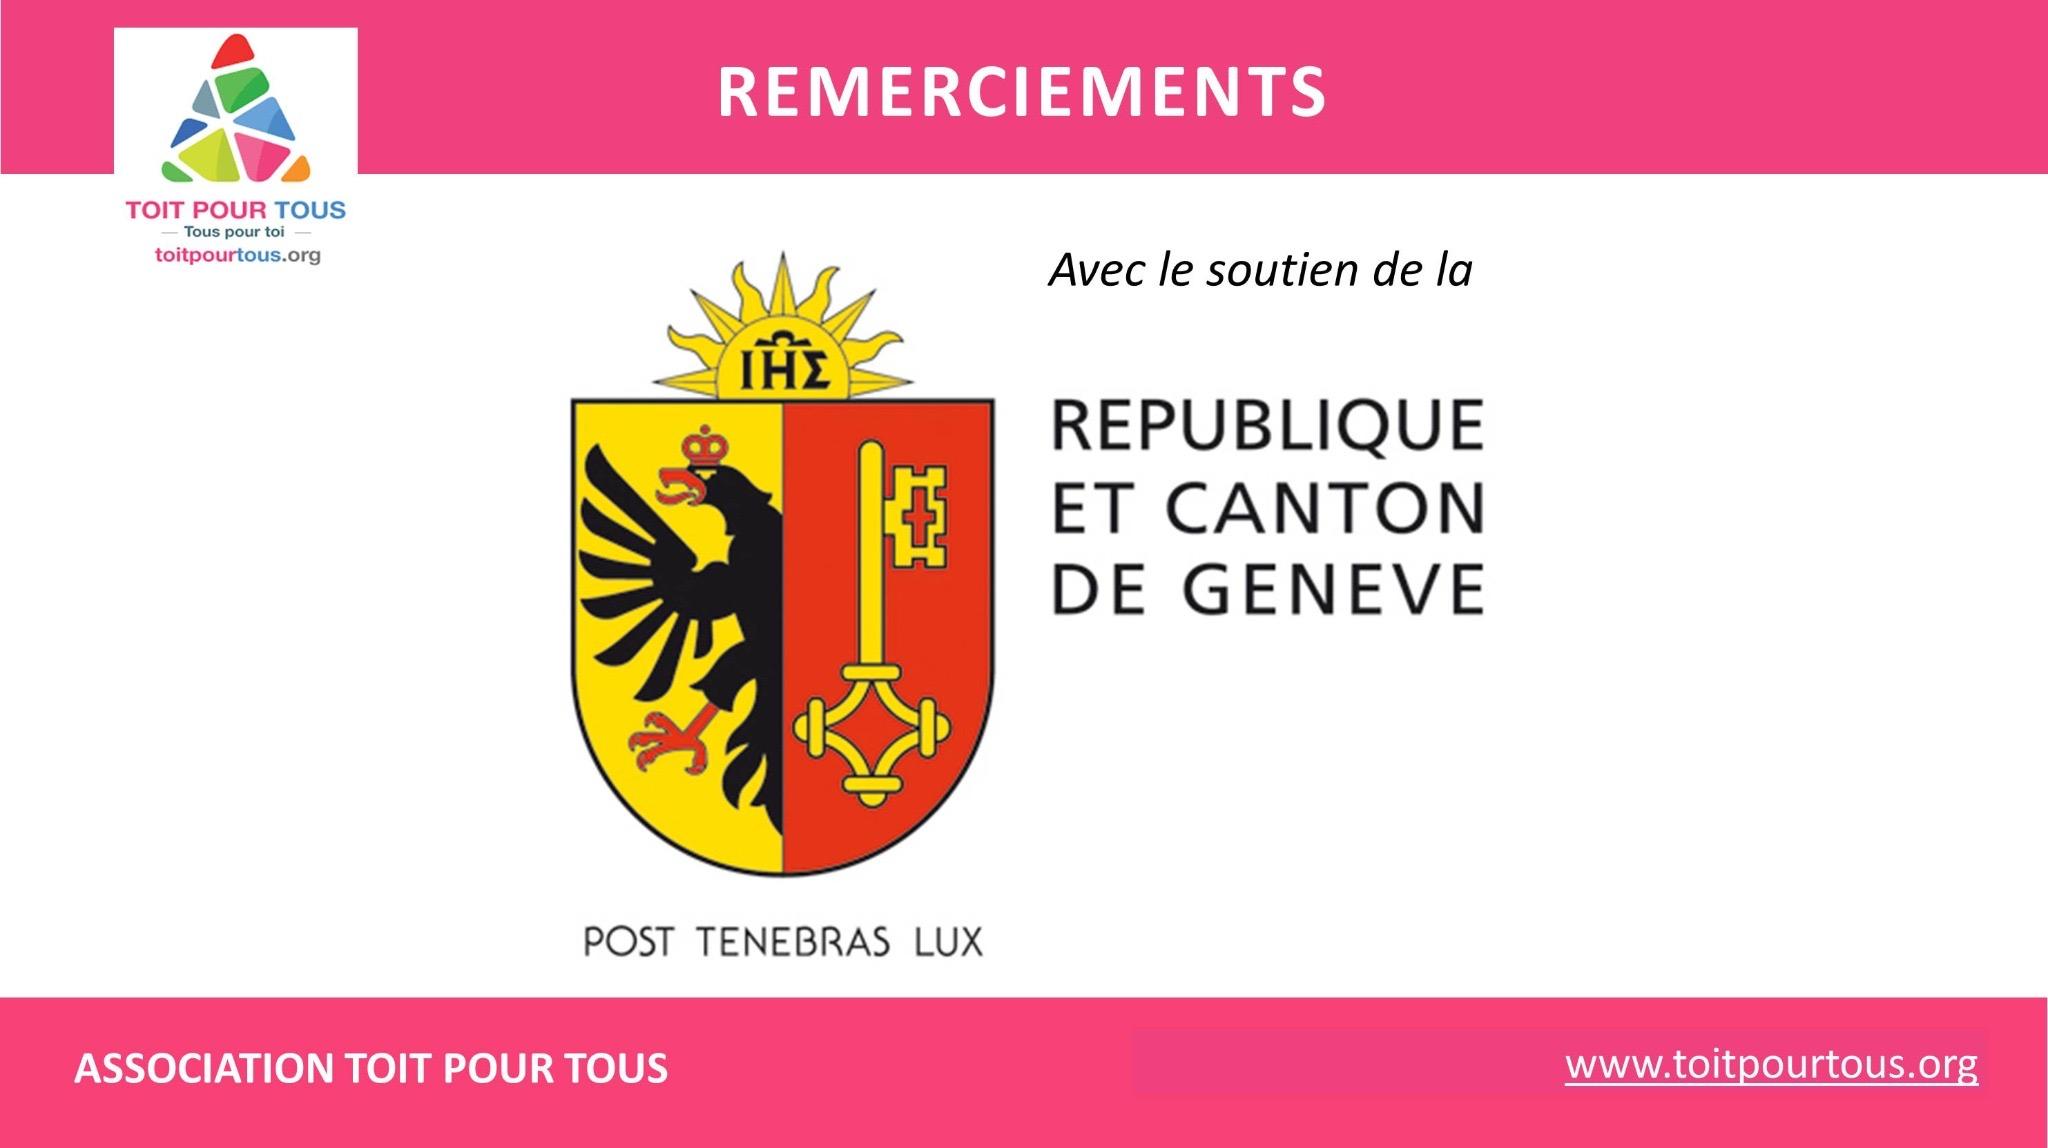 REPUBLIQUE ET CANTON DE GENEVE